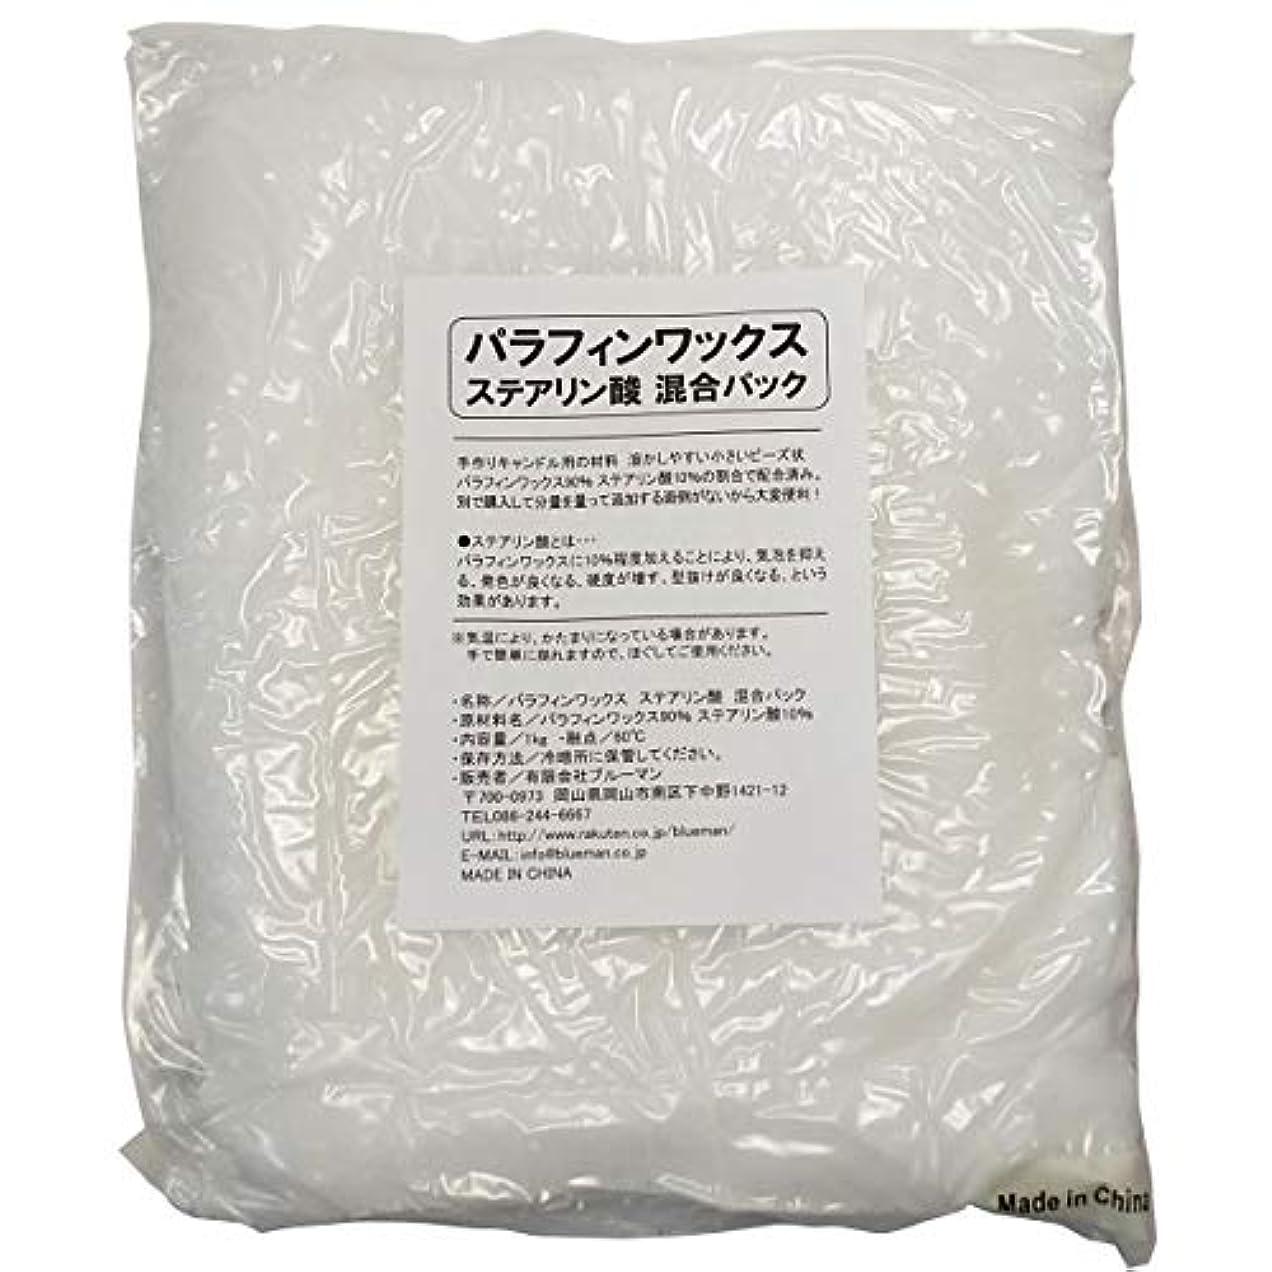 飛躍学校不運パラフィンワックス ステアリン酸 混合パック 1kg 手作りキャンドル 材料 1キロ アロマワックスサシェ